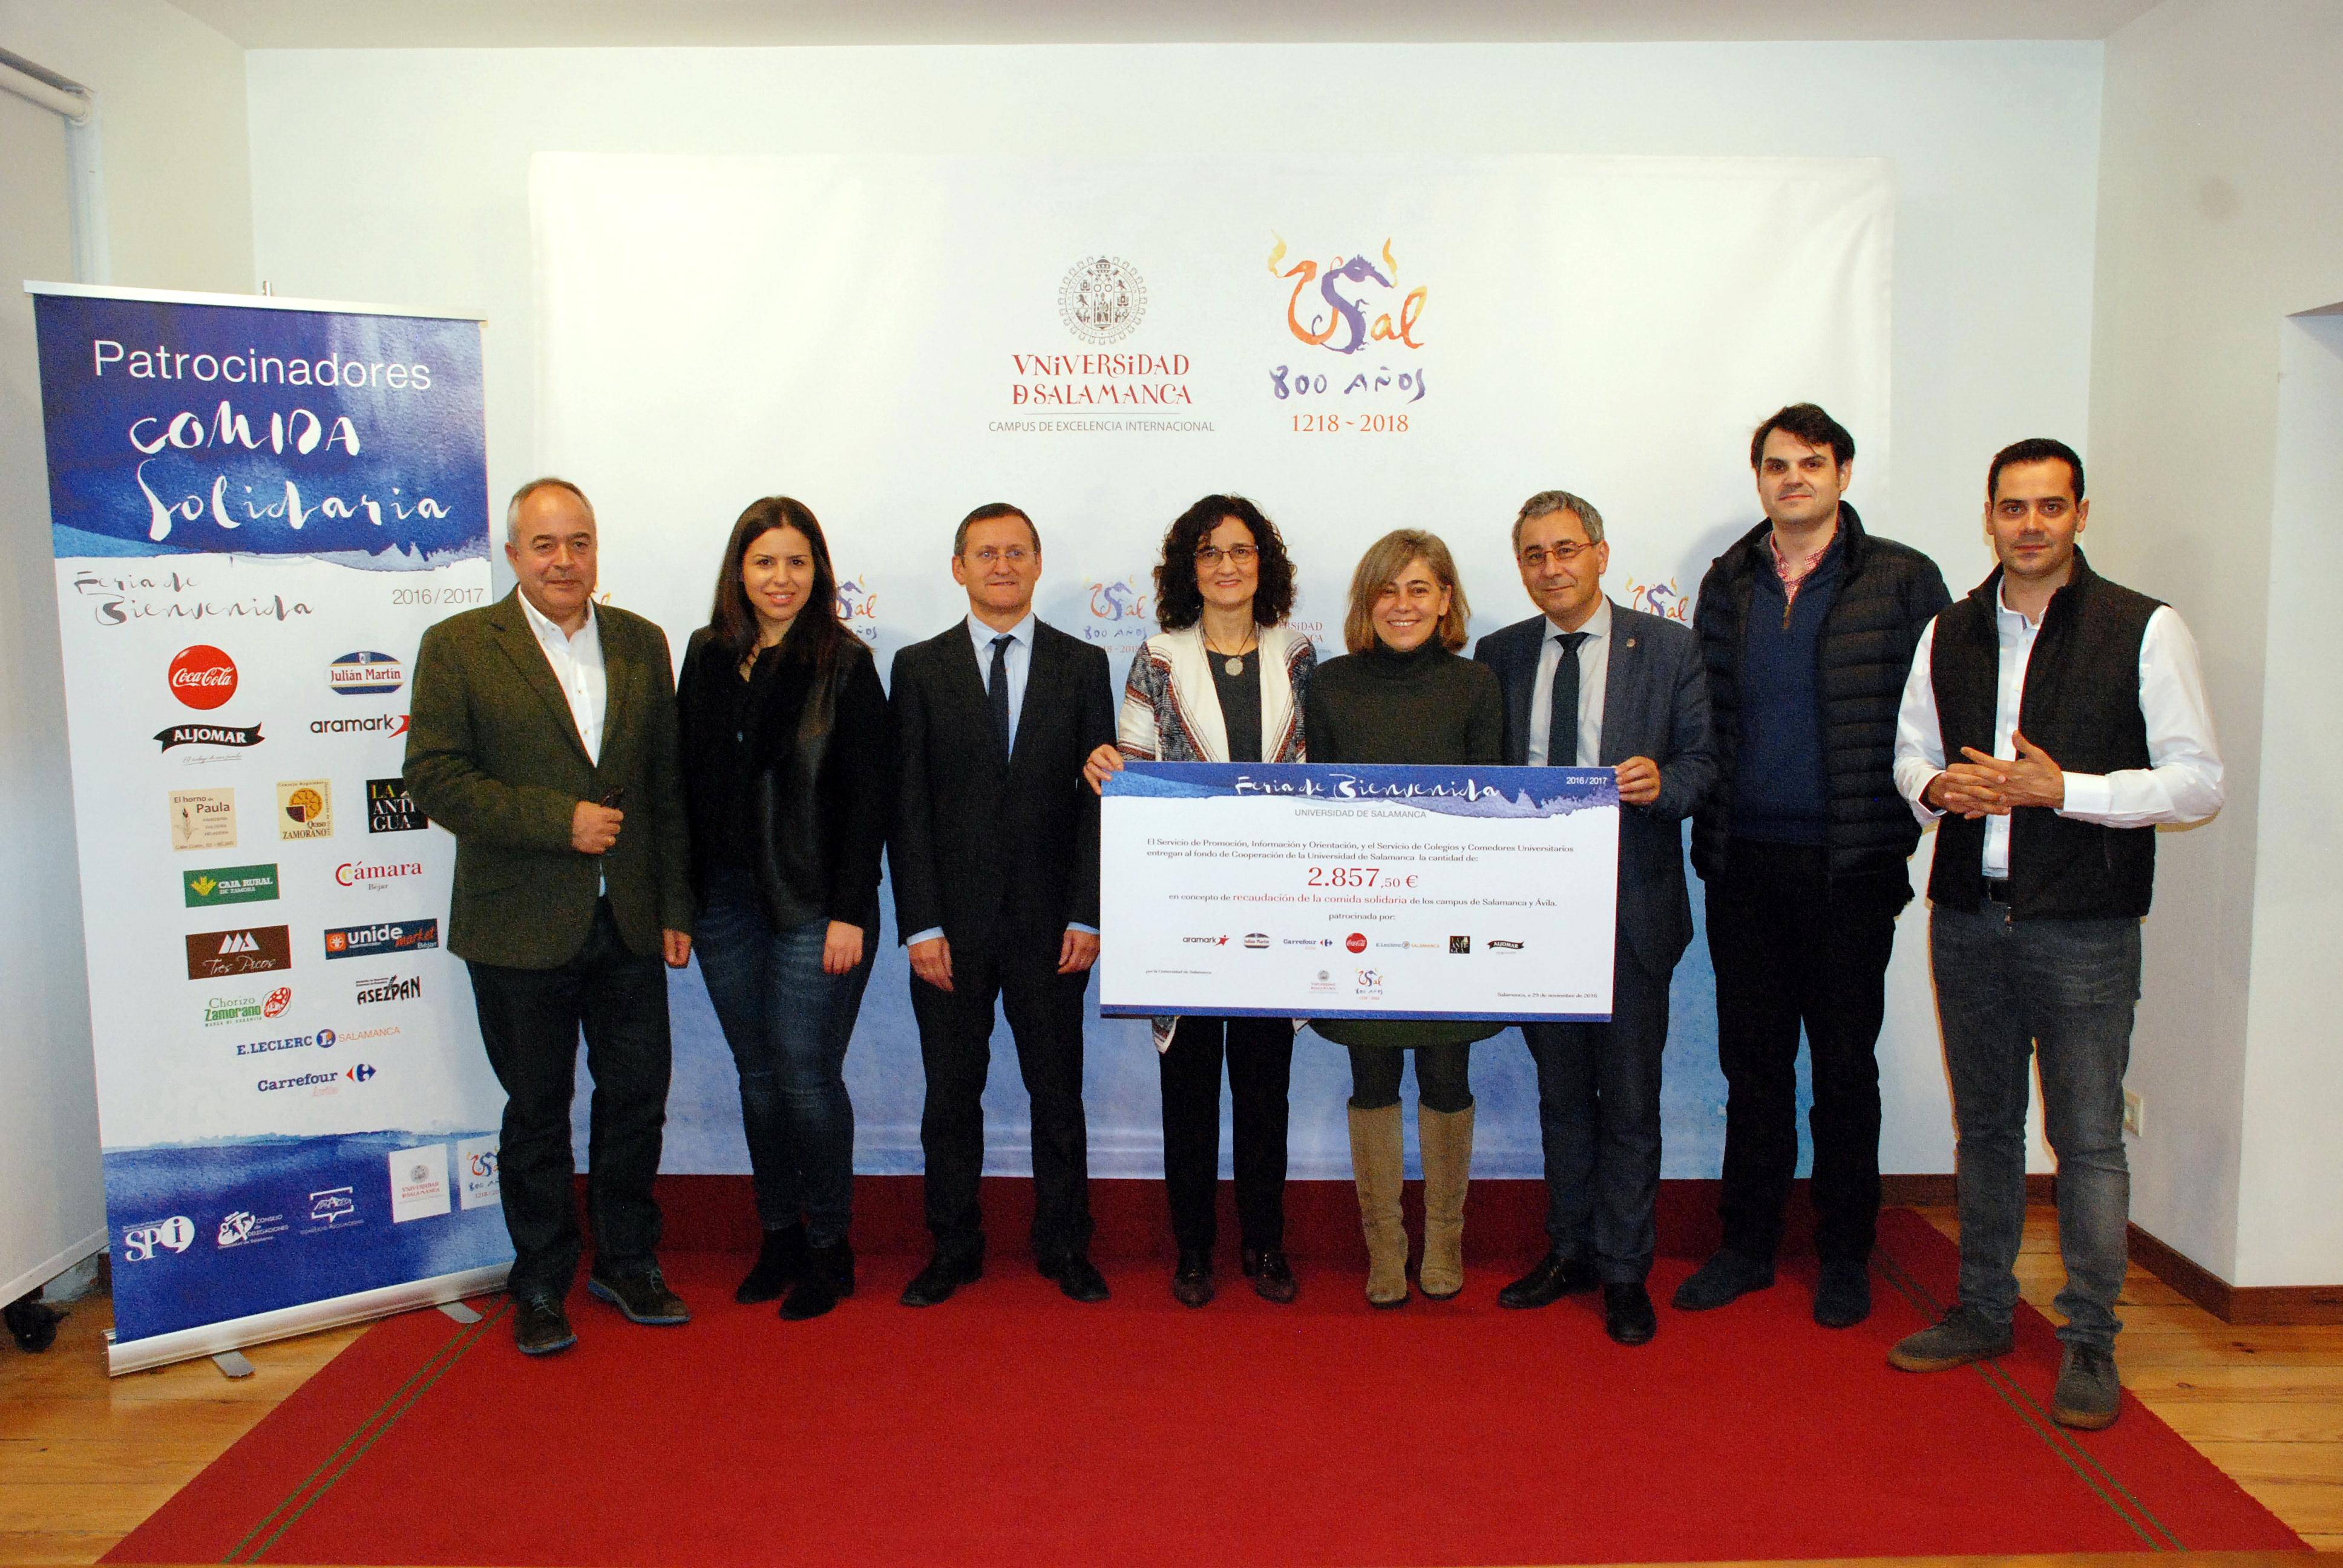 La Universidad recibe más de 2800 euros para su Fondo de Cooperación obtenidos en el 'Bocadillo Solidario'